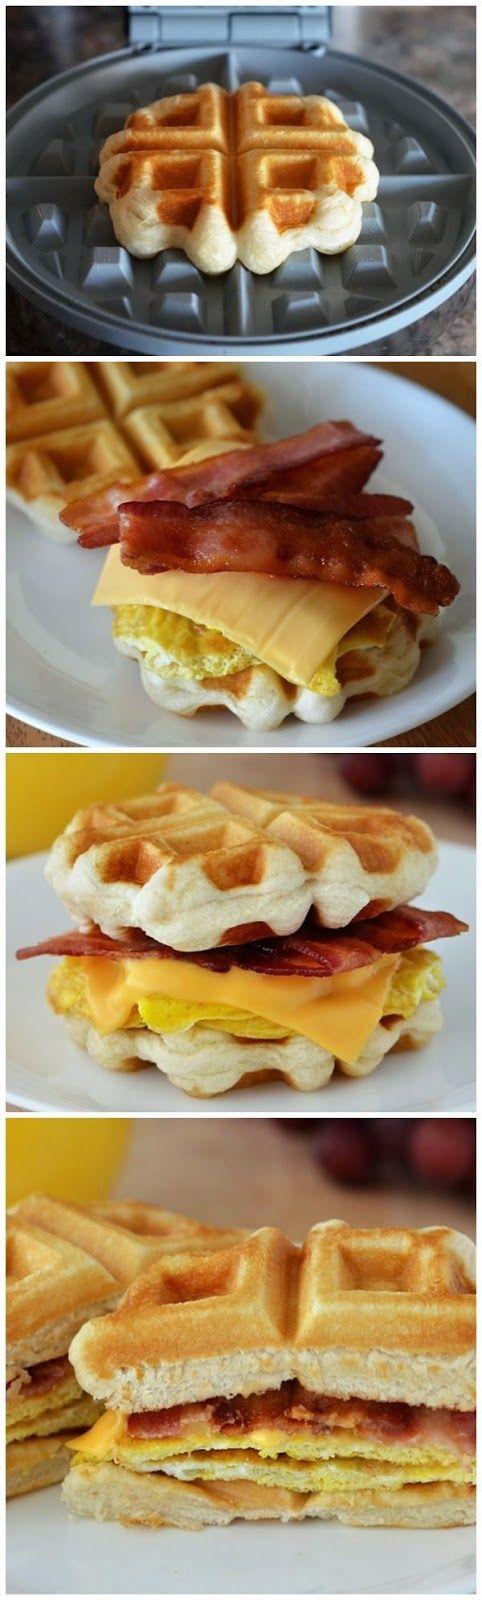 Grab & Go Waffle Breakfast Sandwiches